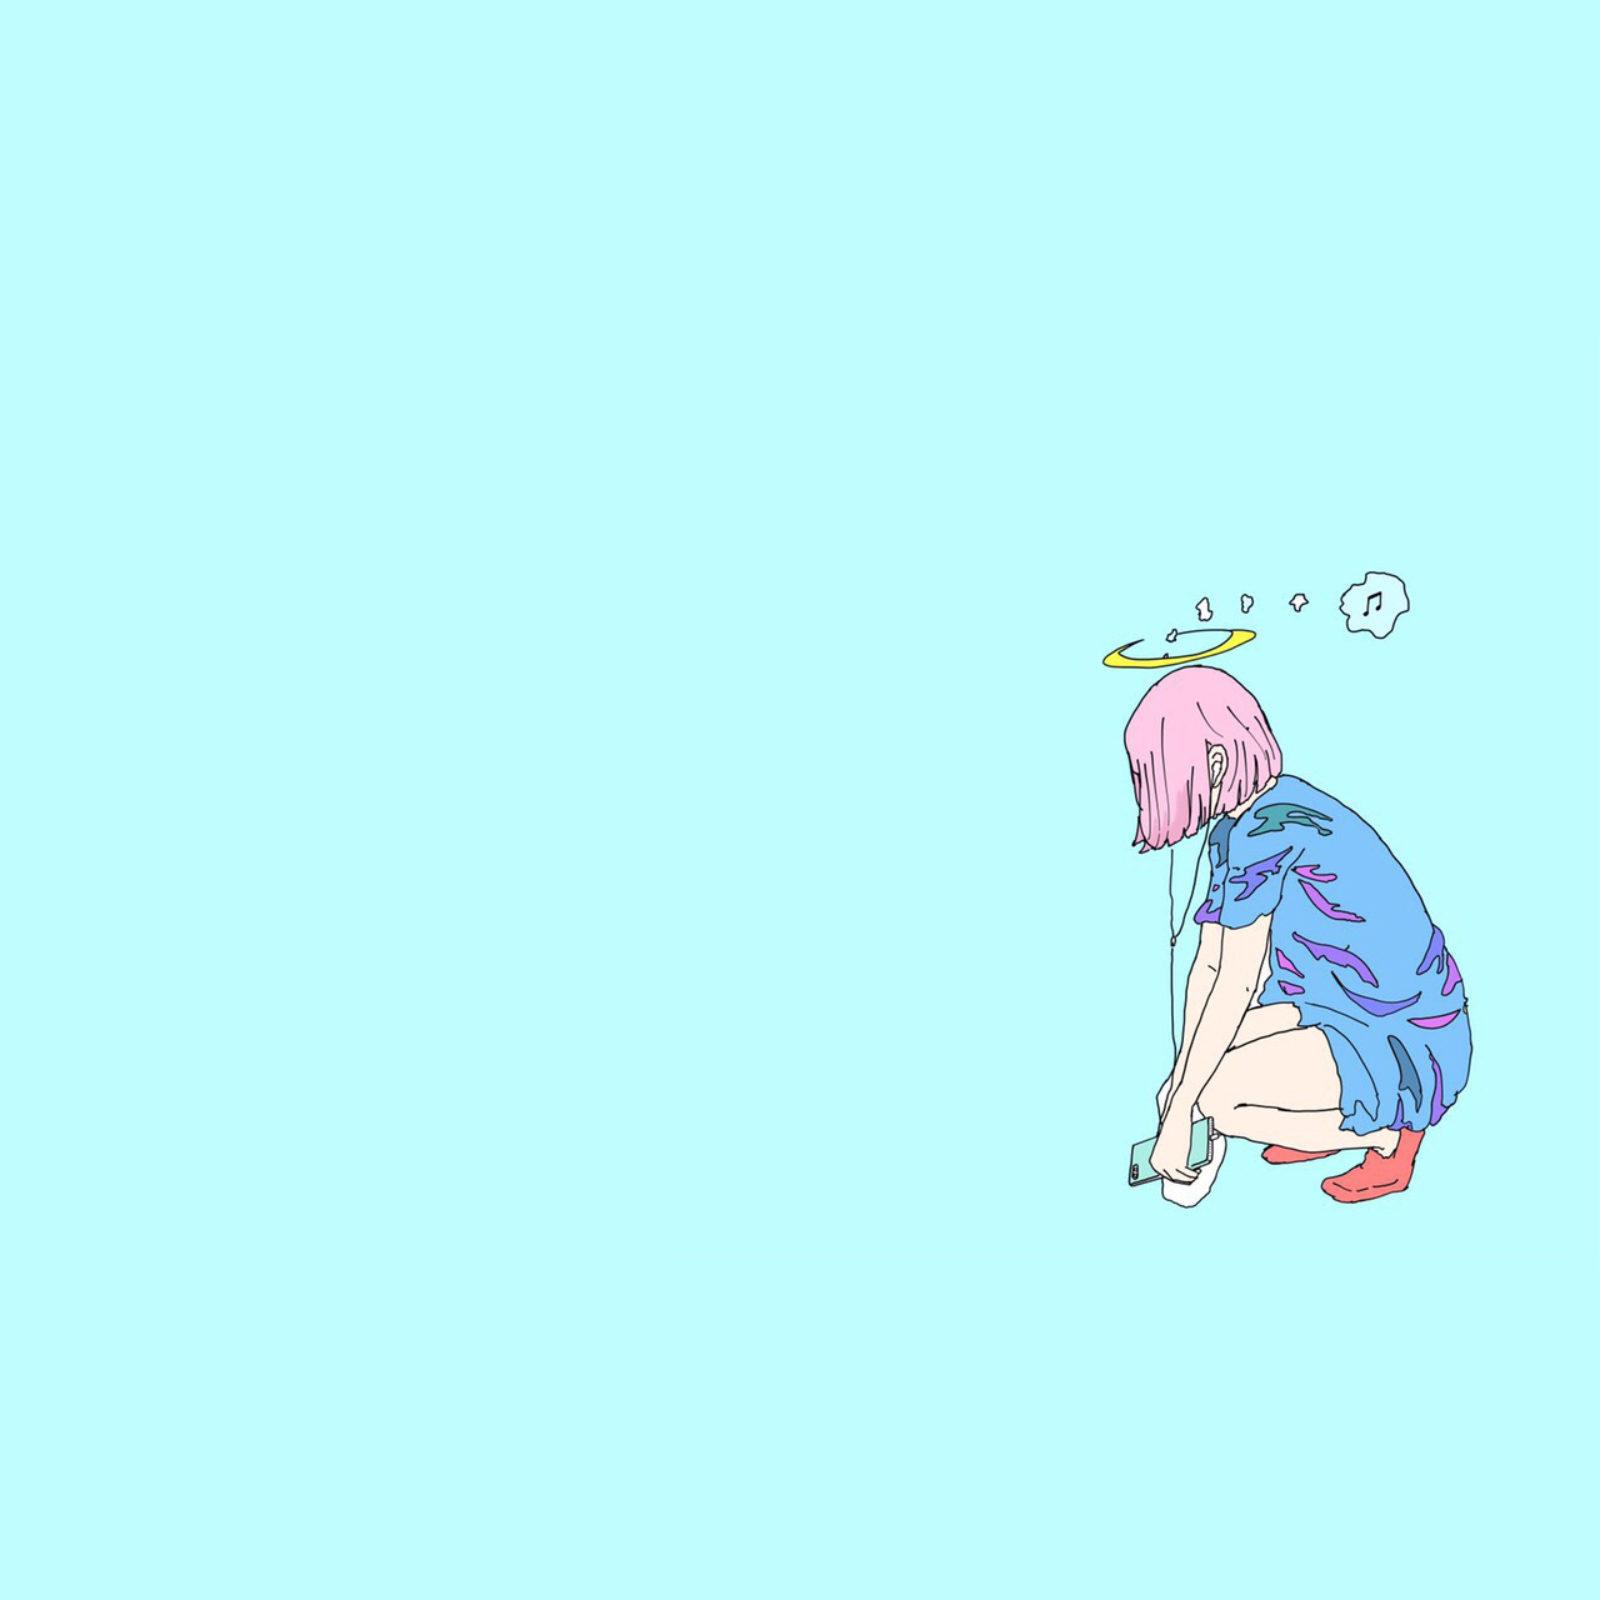 七瀬莉々(りかこ) - オフィシャルサイト